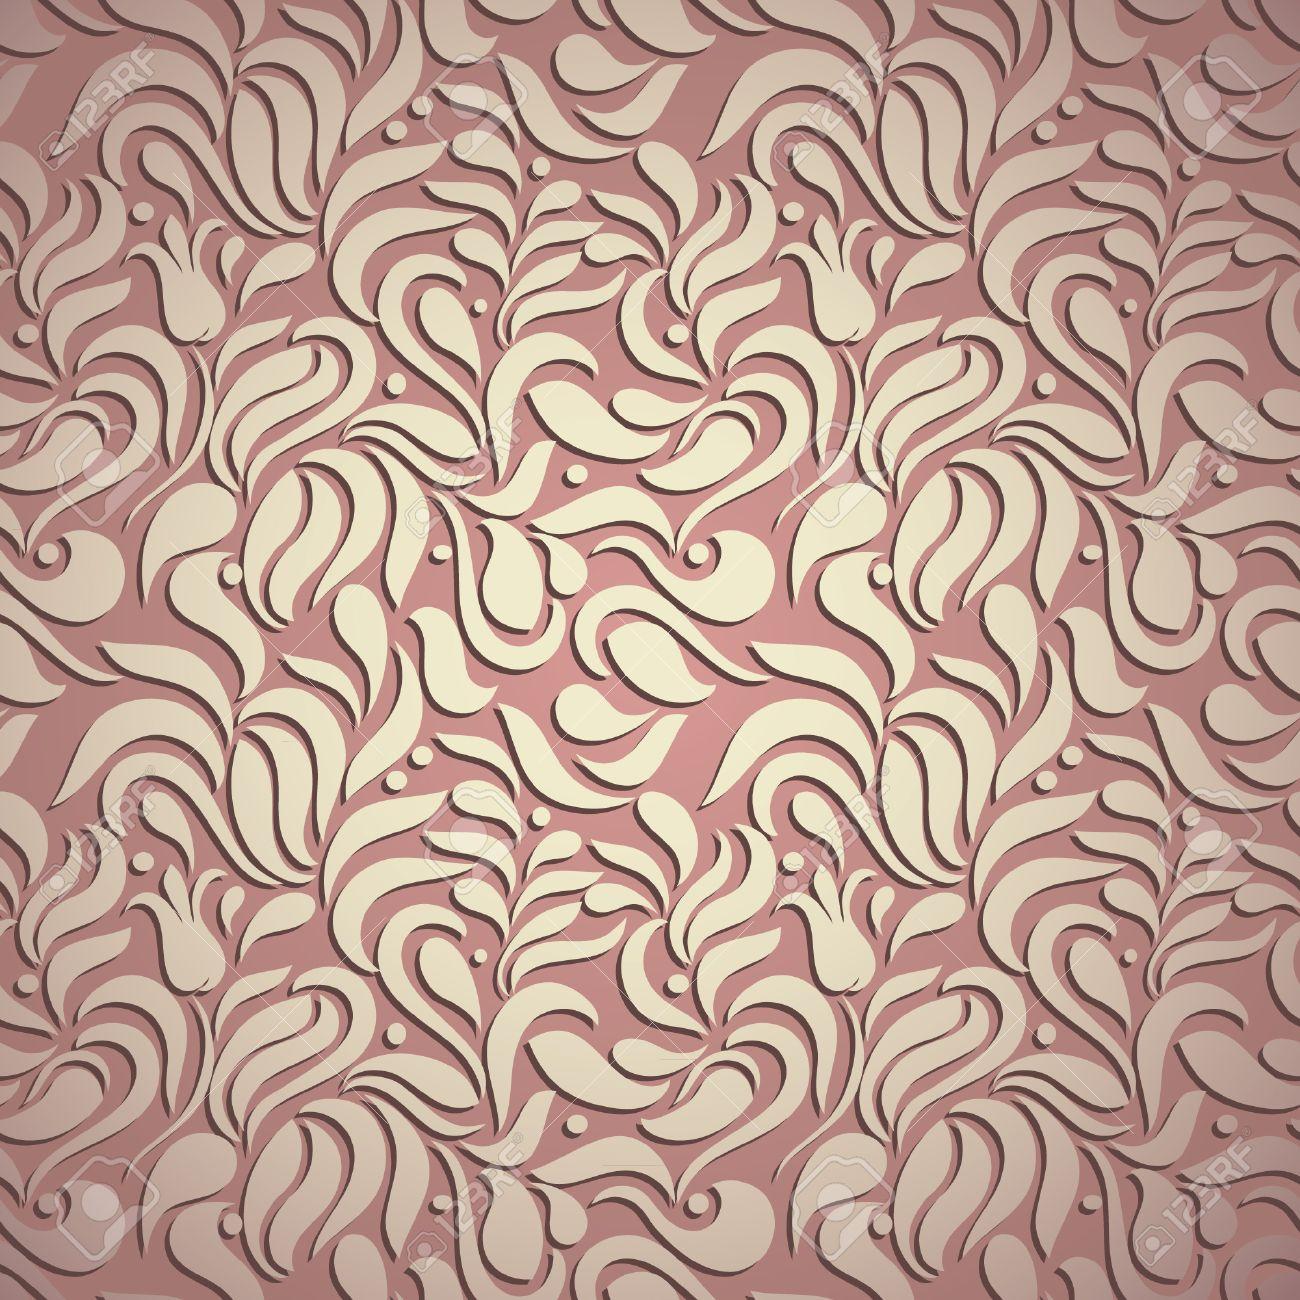 Tourbillons Floral élégants Et Modernes De Luxe Papier Peint Rose